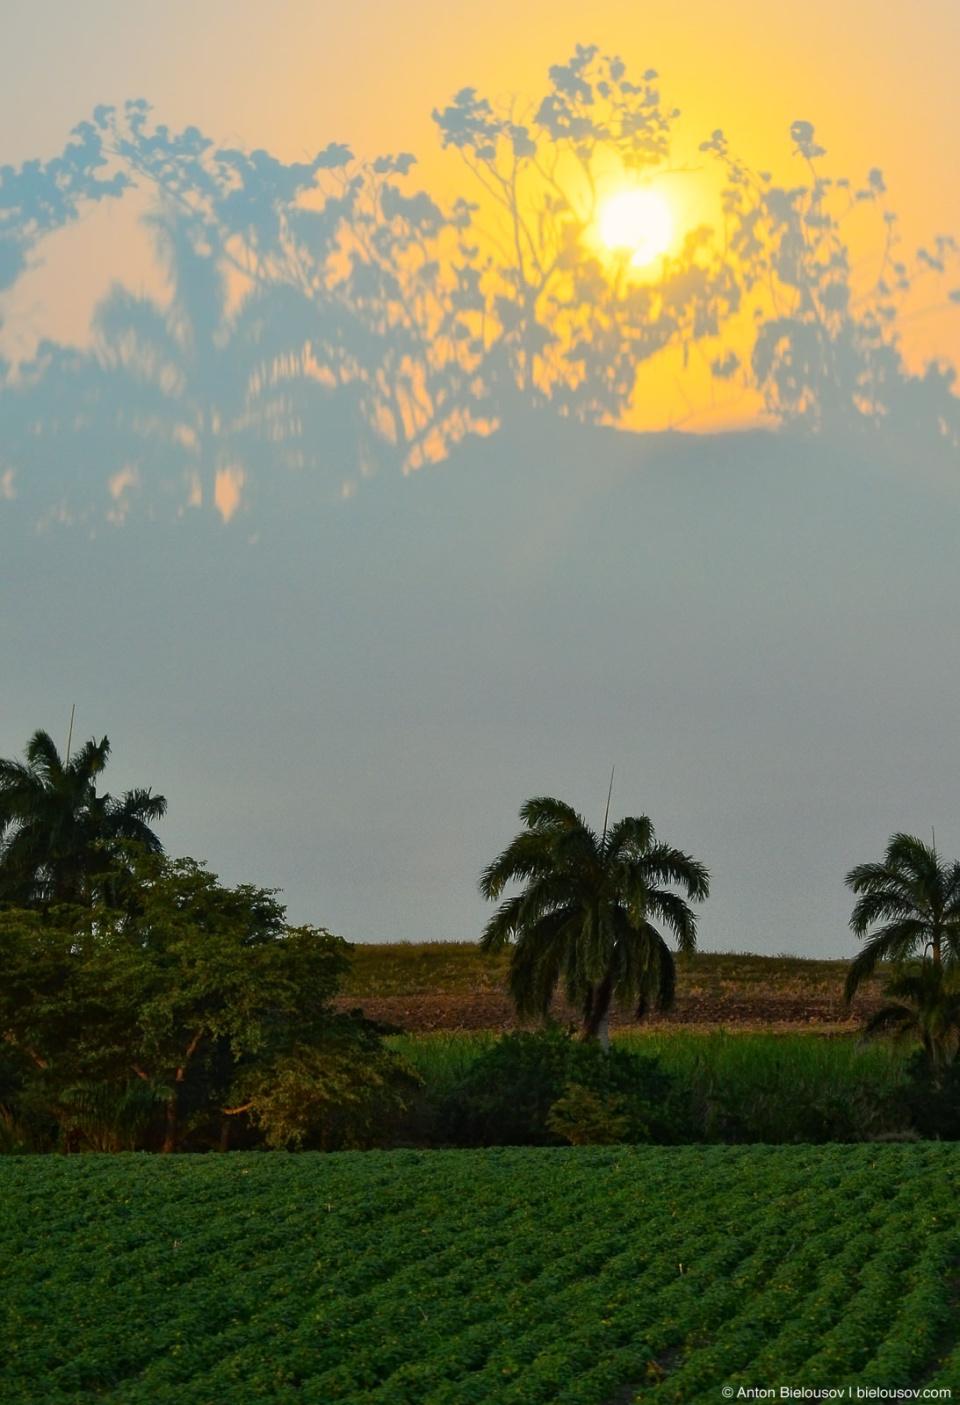 Закат, отразившийся в автобусном окне, за которым — типичный кубинский пейзаж